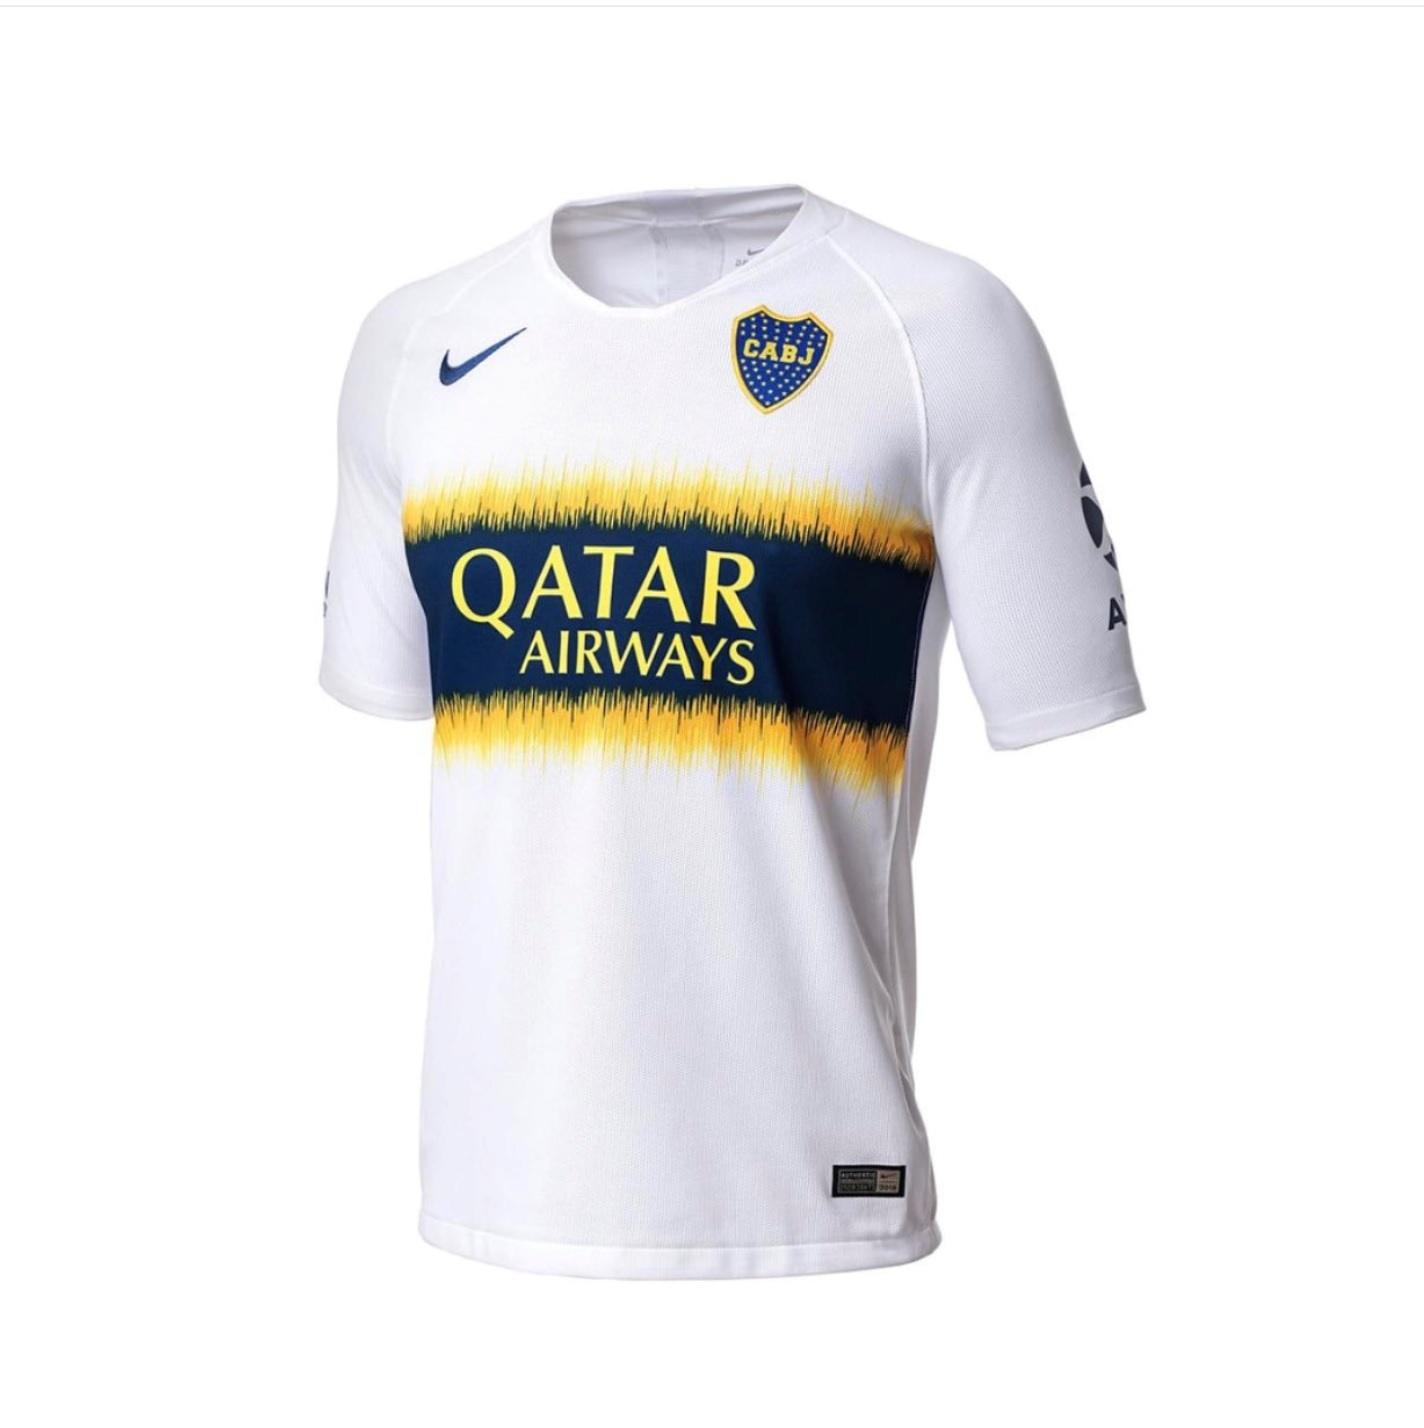 Santos prevê estreia de uniformes da Umbro em abril  5e0f55b5868b5